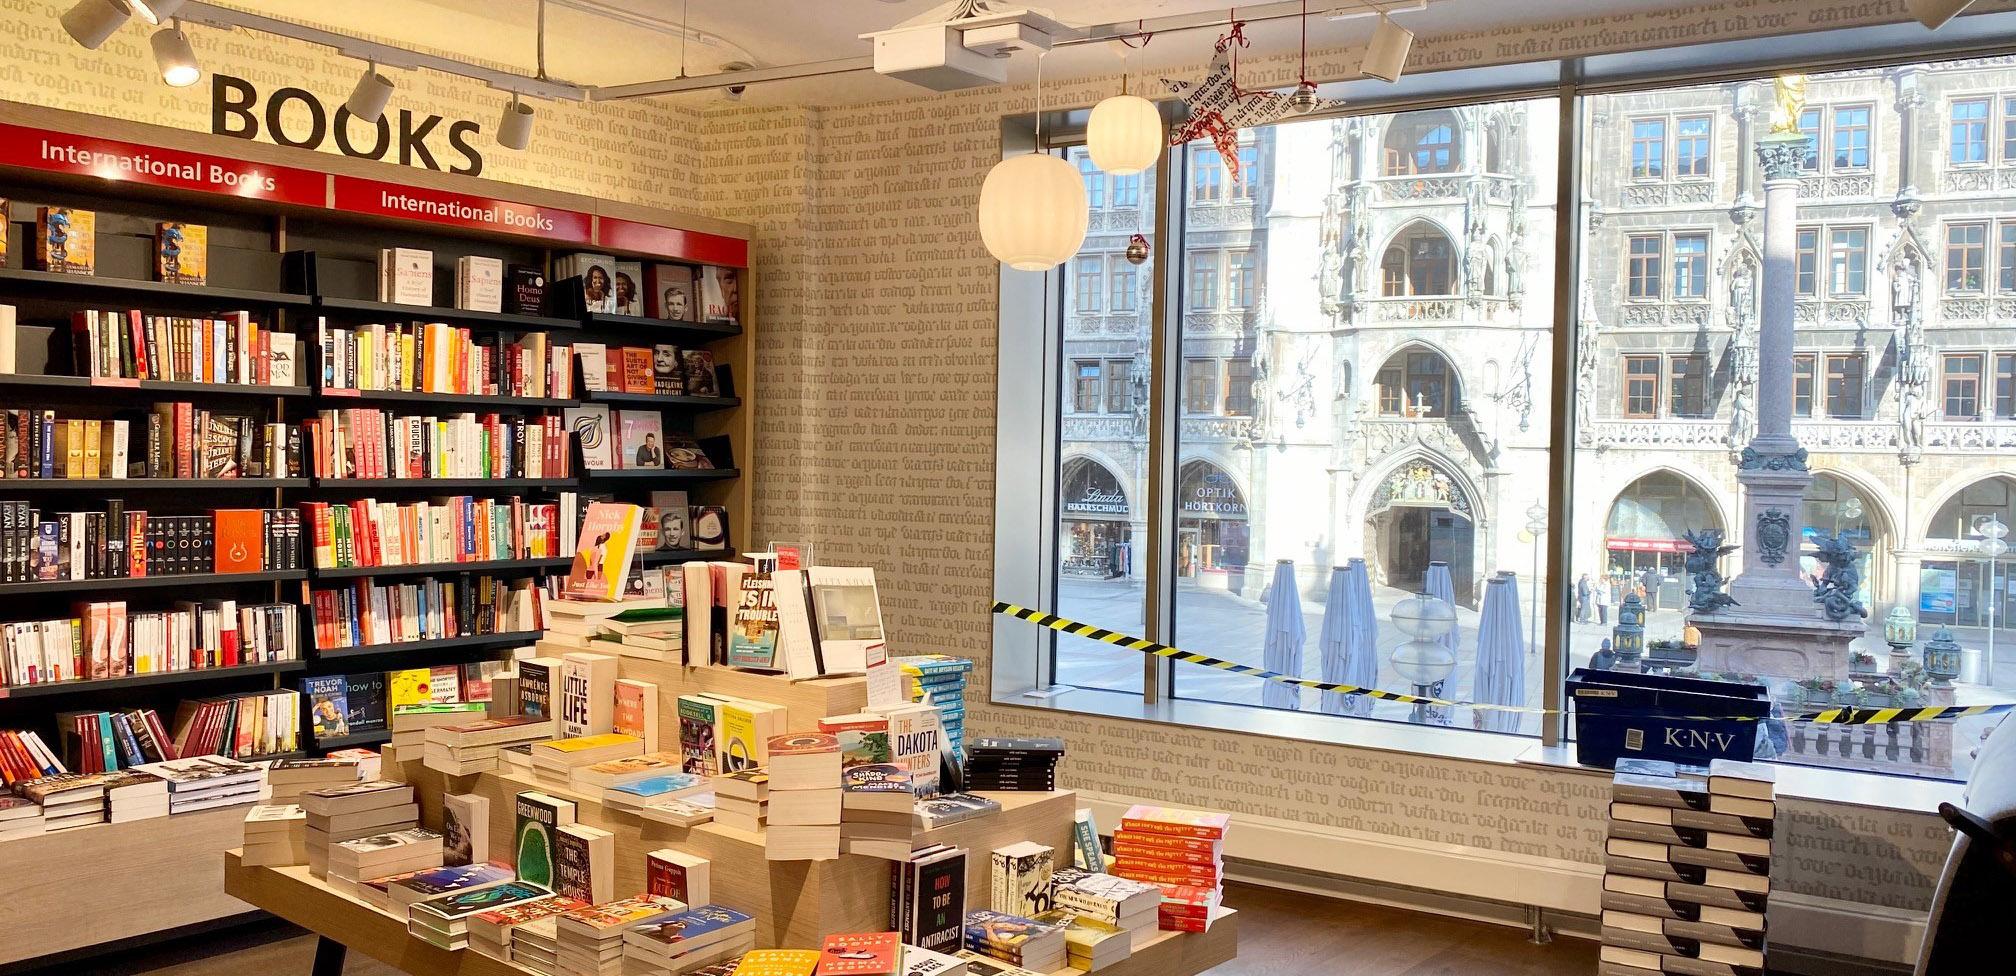 Vitrine intérieure de la librairie Hugendubel de Marienplatz à Munich